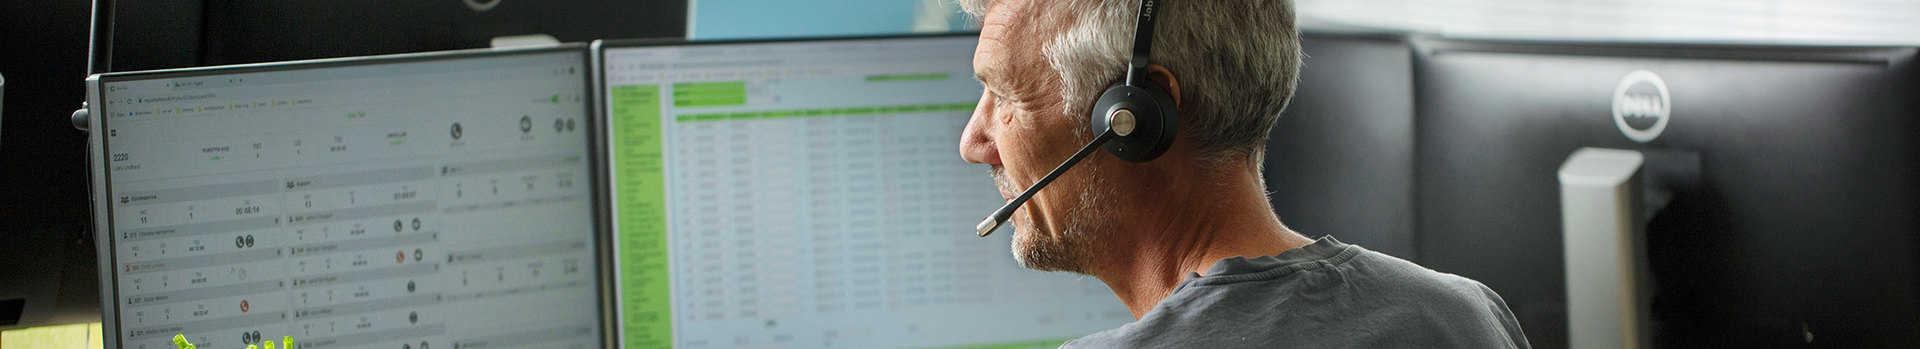 Uni-tel - integrations til erhverv